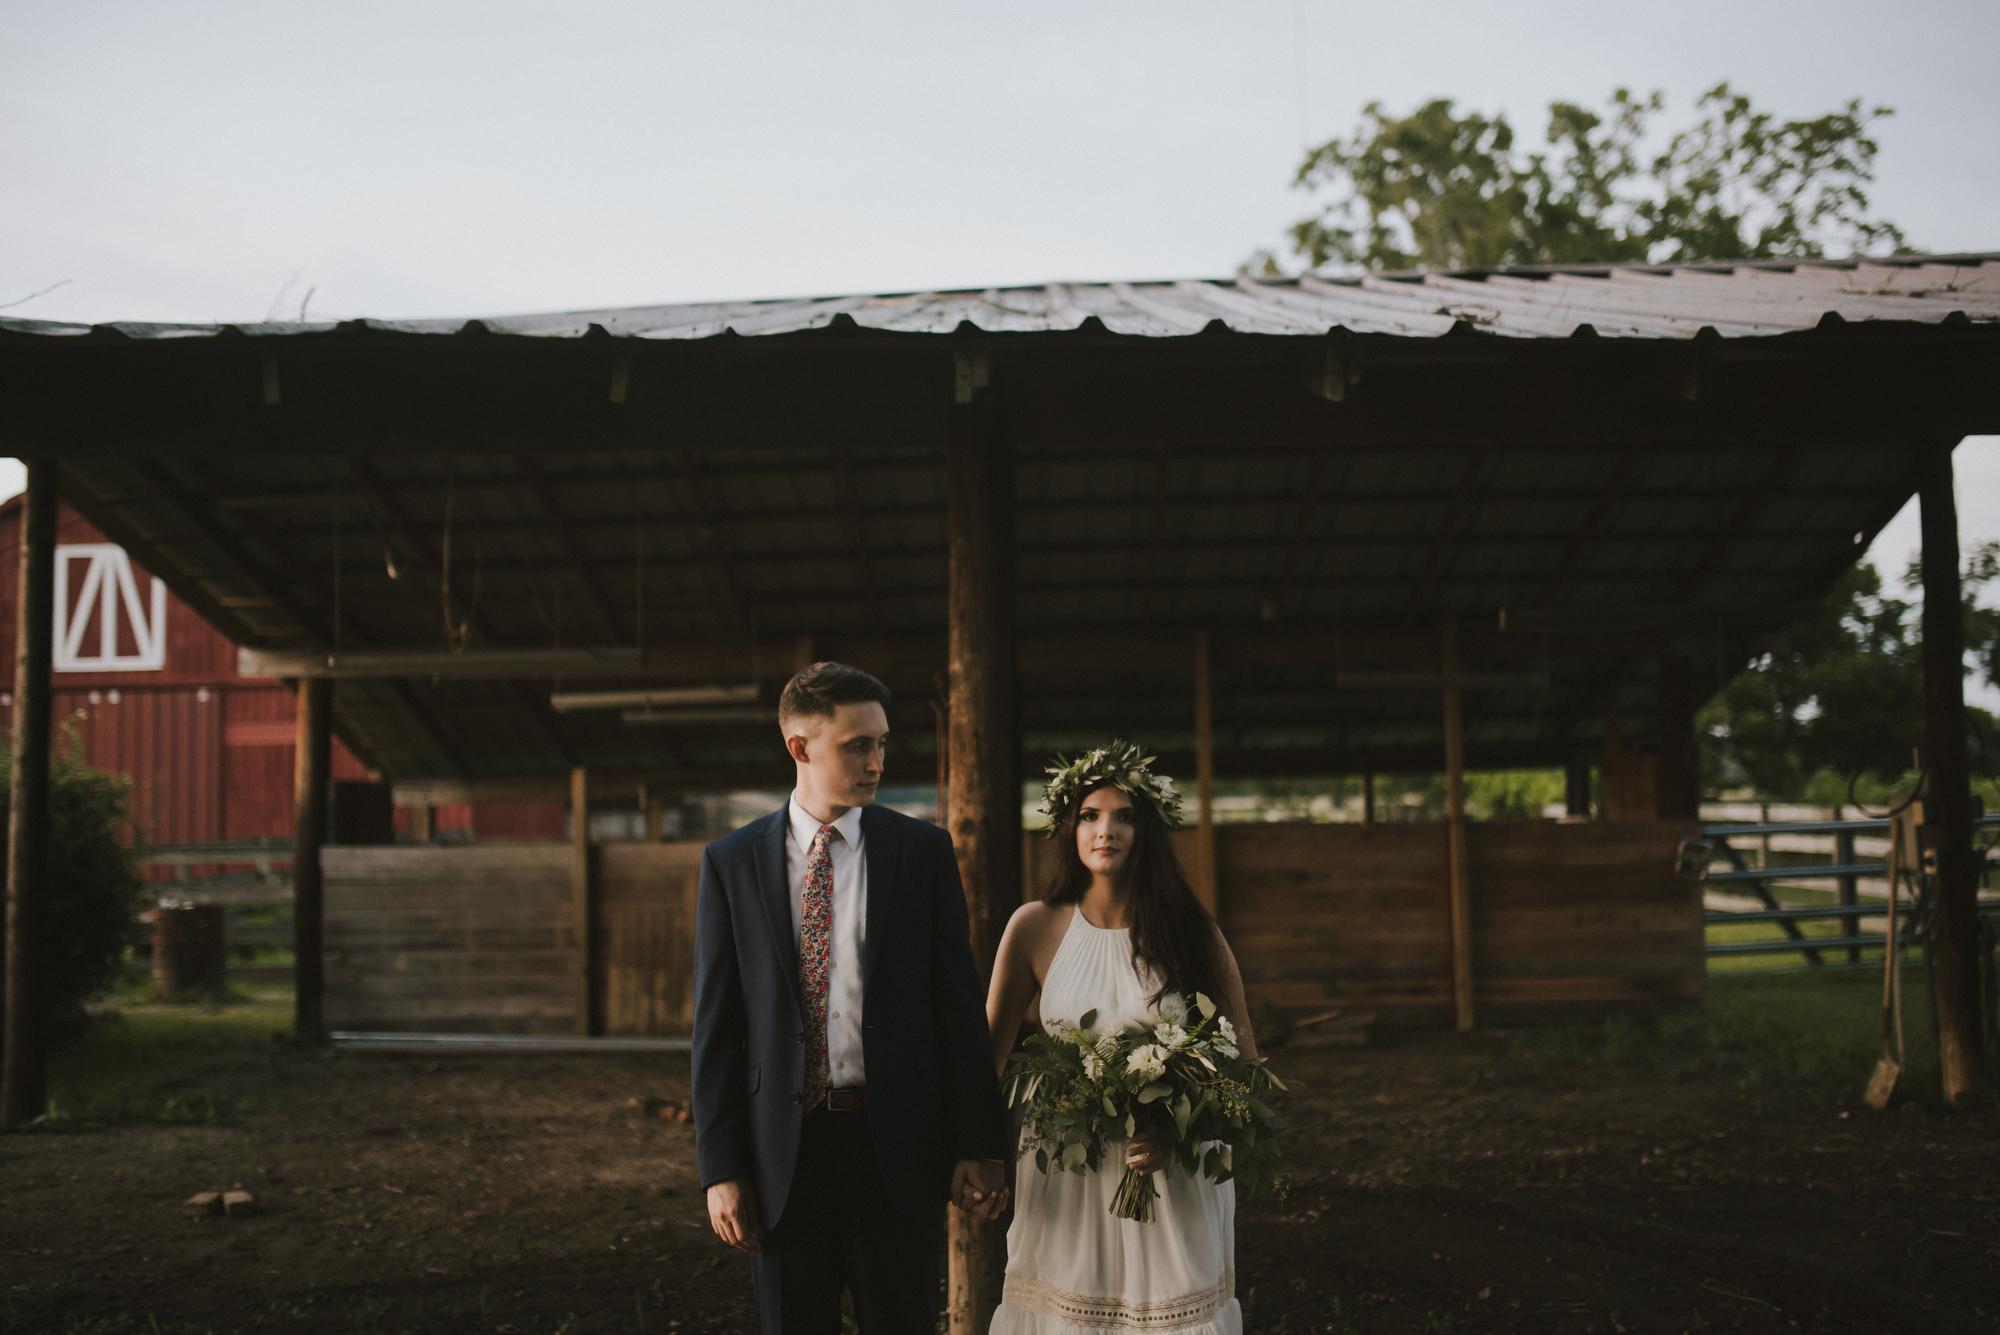 ofRen_weddingphotography097.JPG